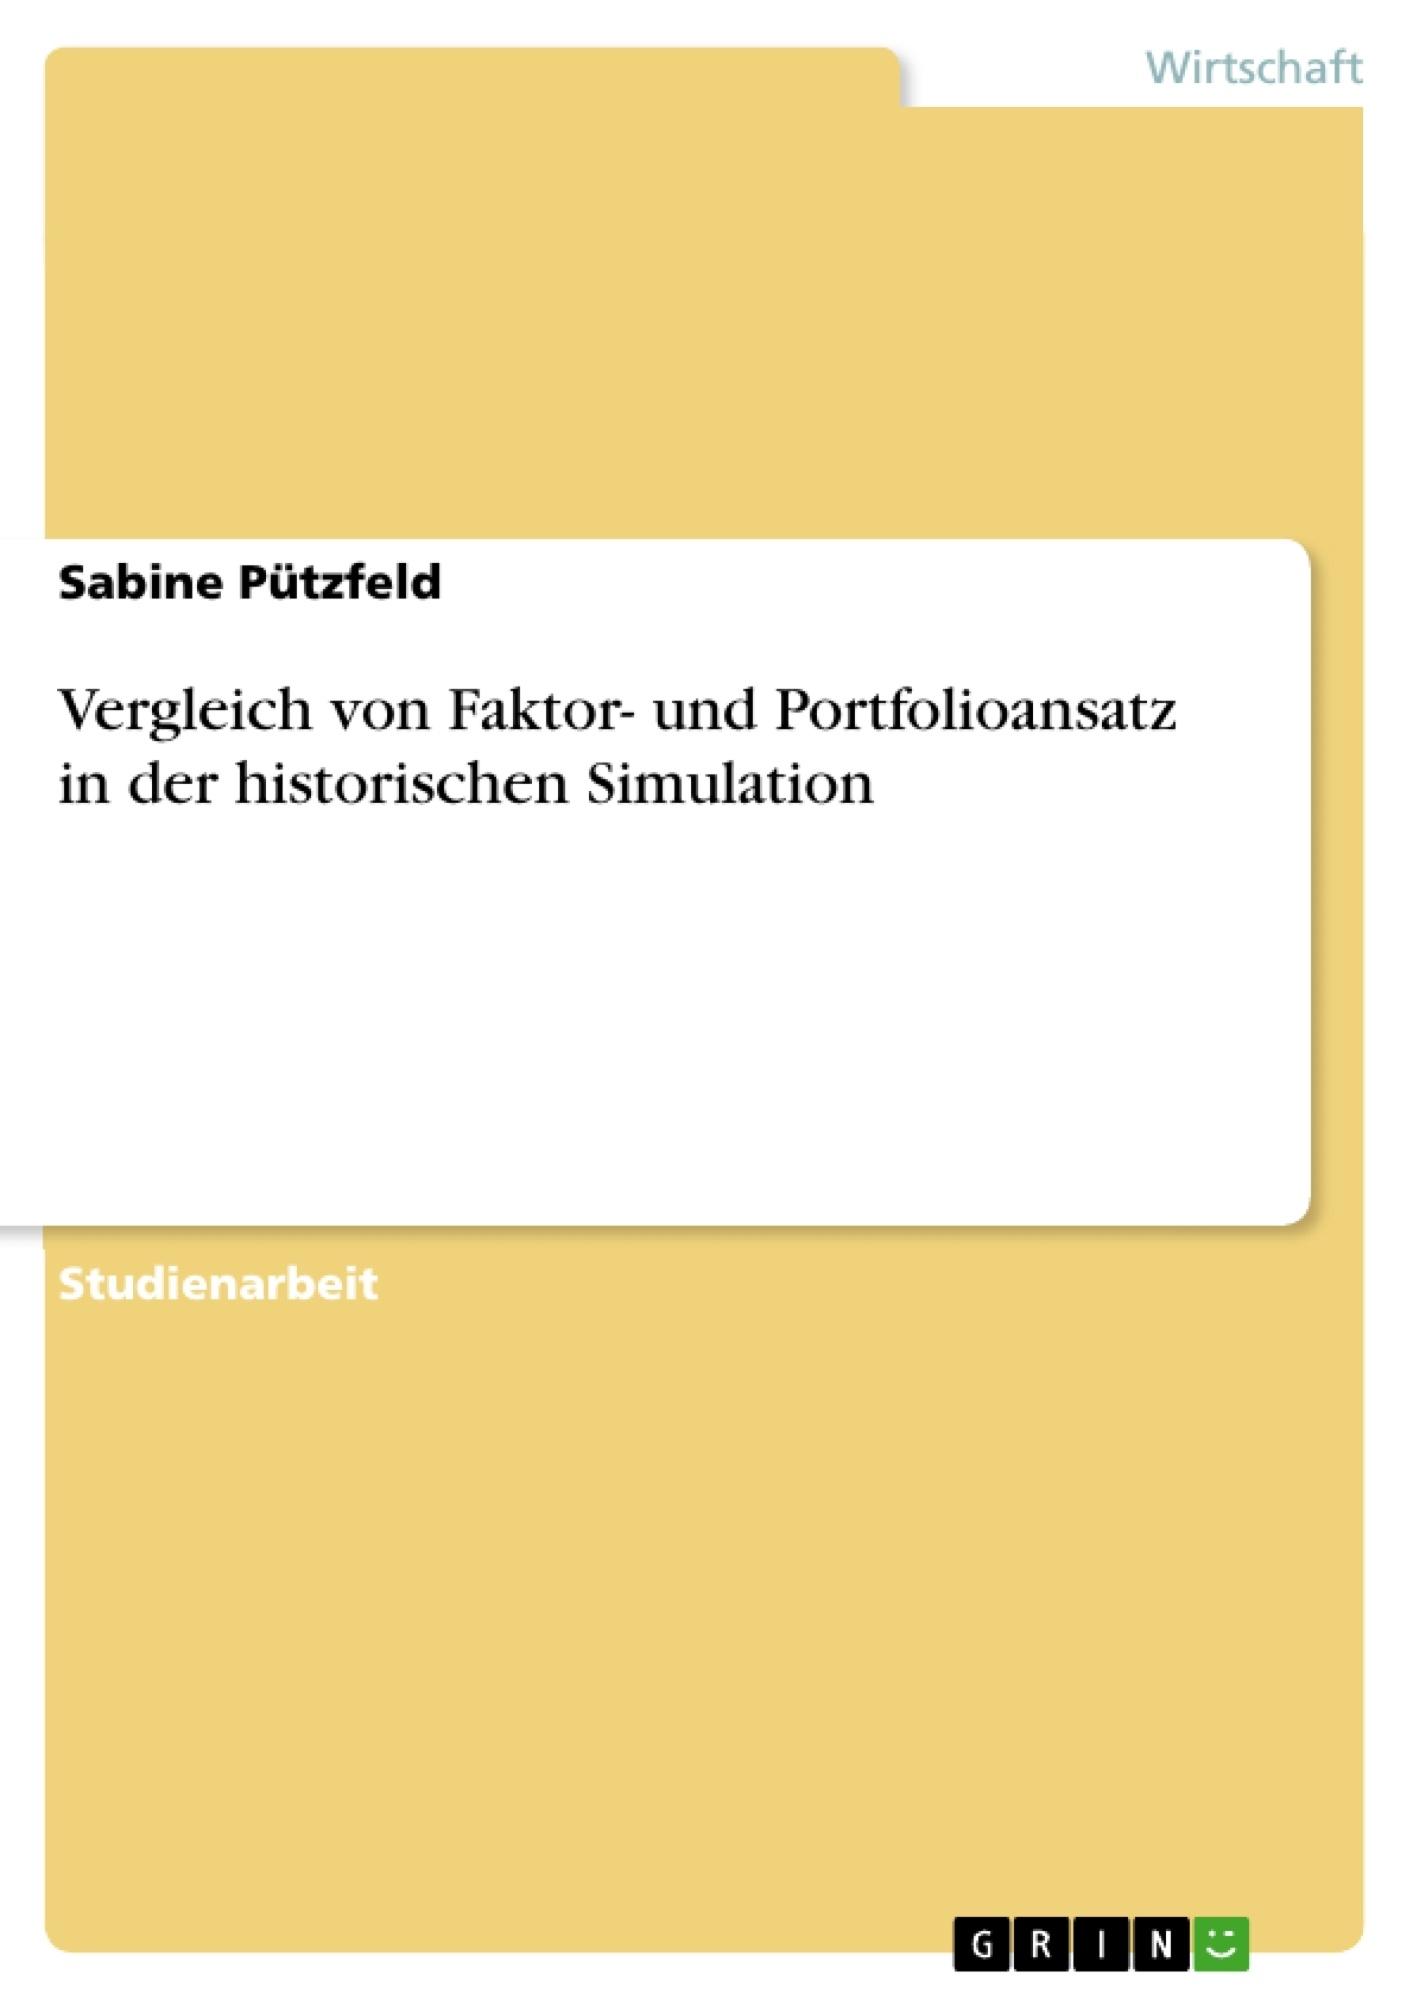 Titel: Vergleich von Faktor- und Portfolioansatz in der historischen Simulation